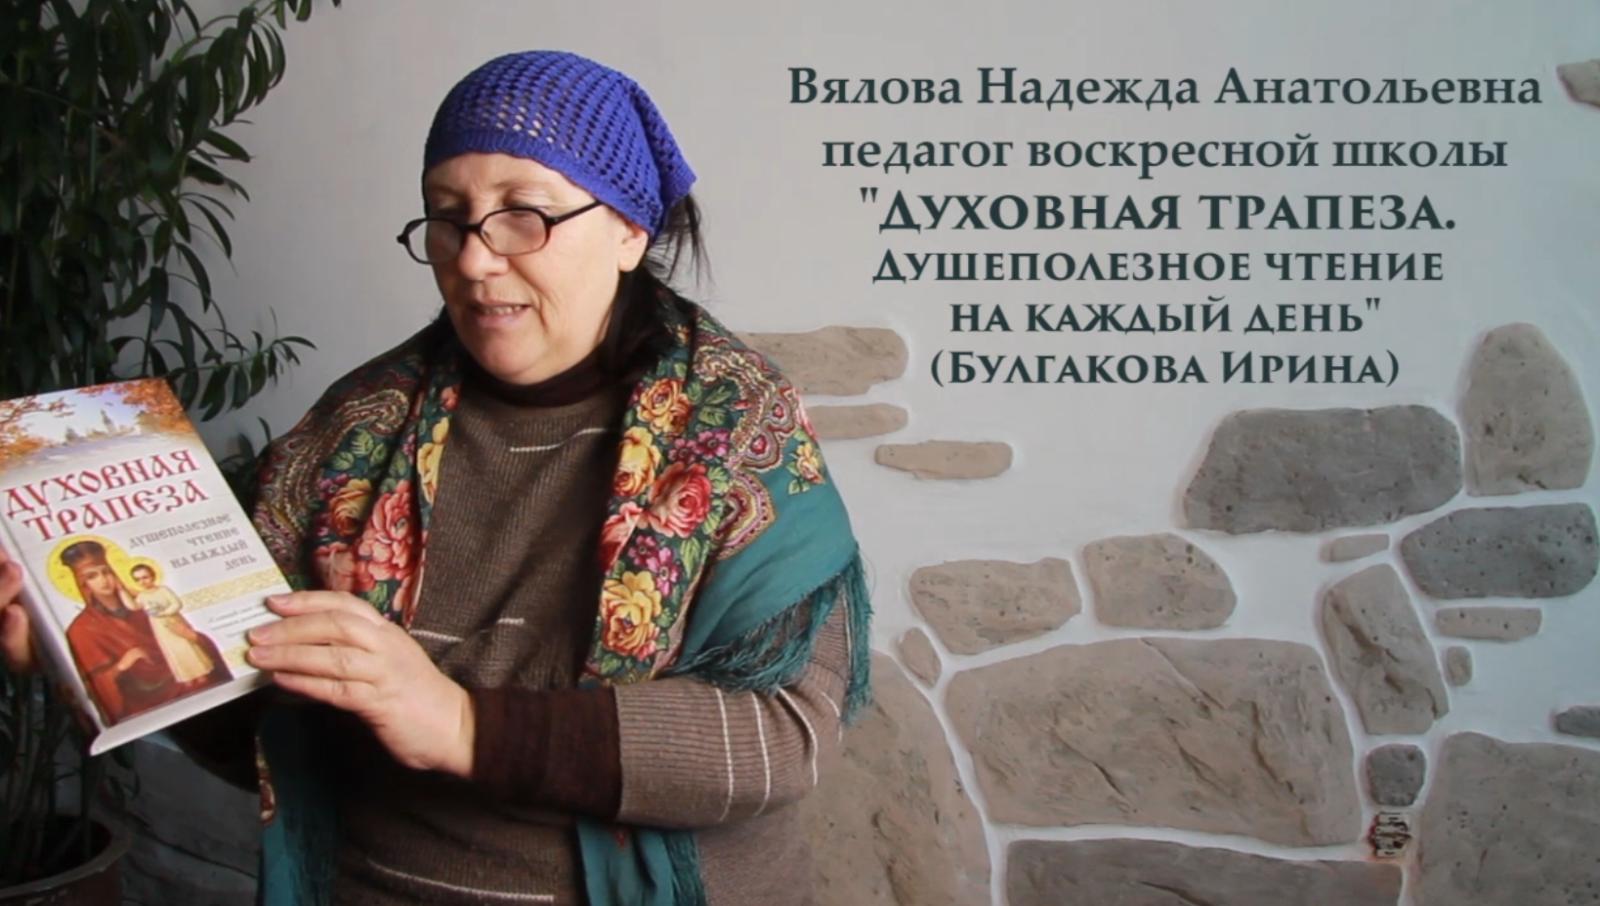 Надежда Анатольевна Вялова, педагог Воскресной школы